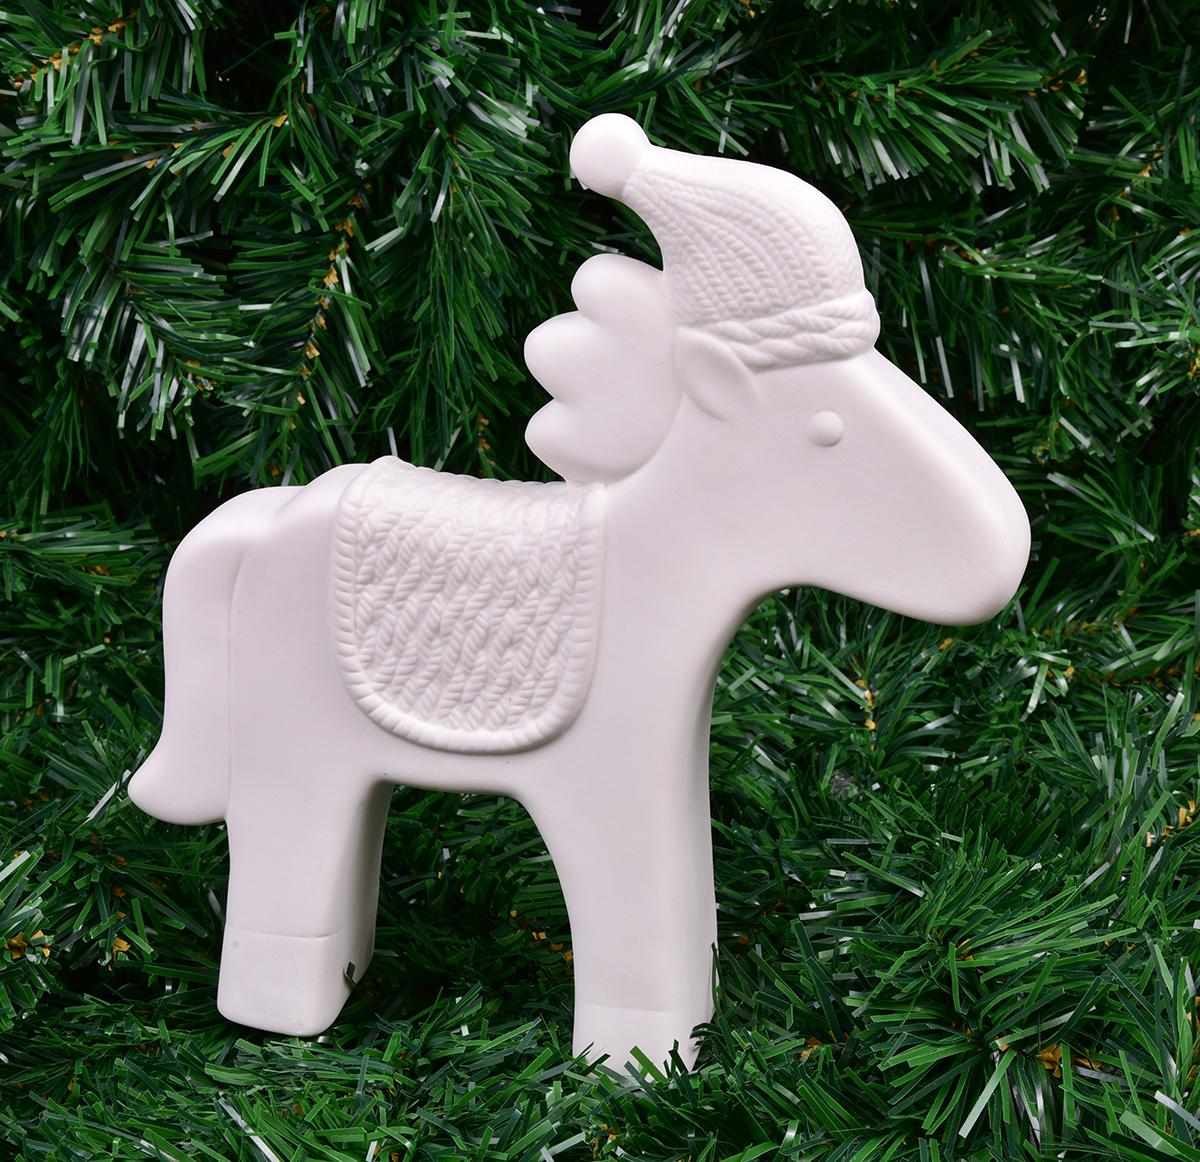 Dekorace koník 22 cm sněhobílý porcelán